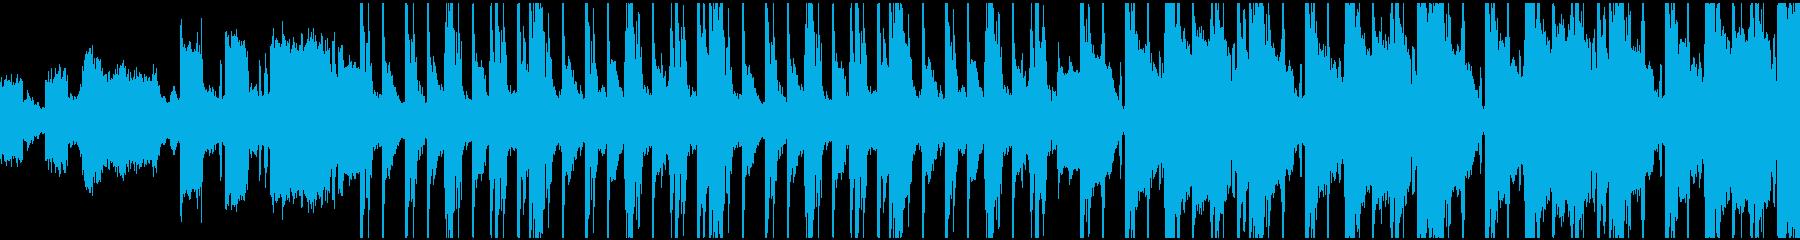 ヒップホップ 積極的 焦り 怠け者...の再生済みの波形